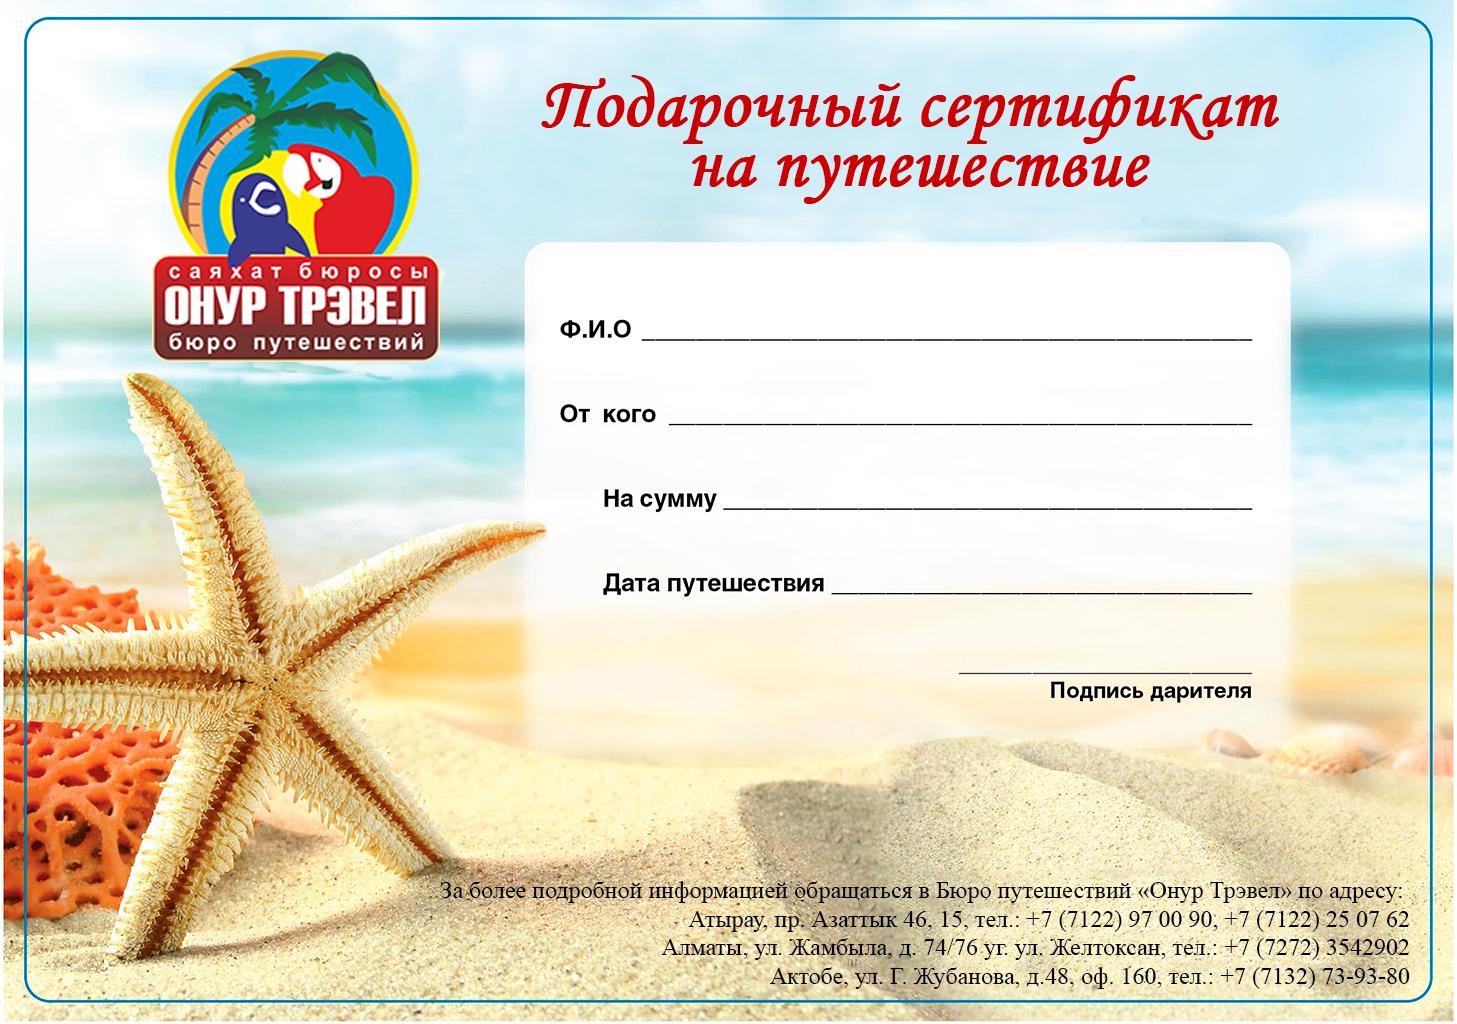 Сертификат на путешествие в подарок образец 42